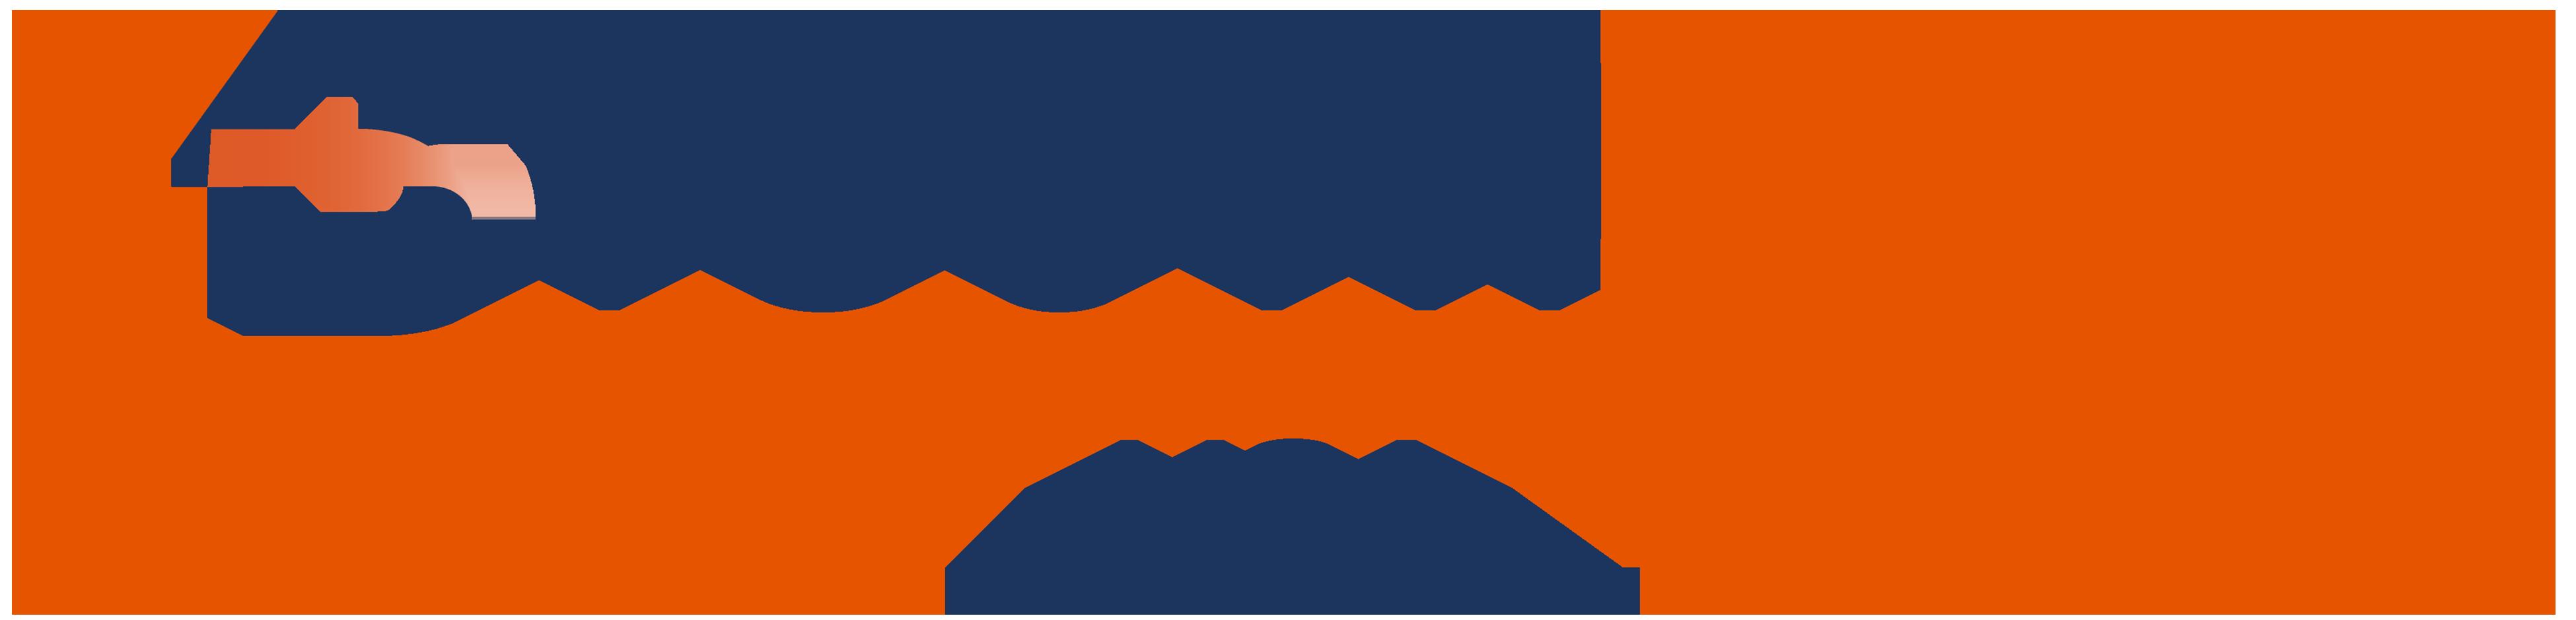 YouthBuildUSA-MonogramWordmark-Horizontal-OrangeBlue